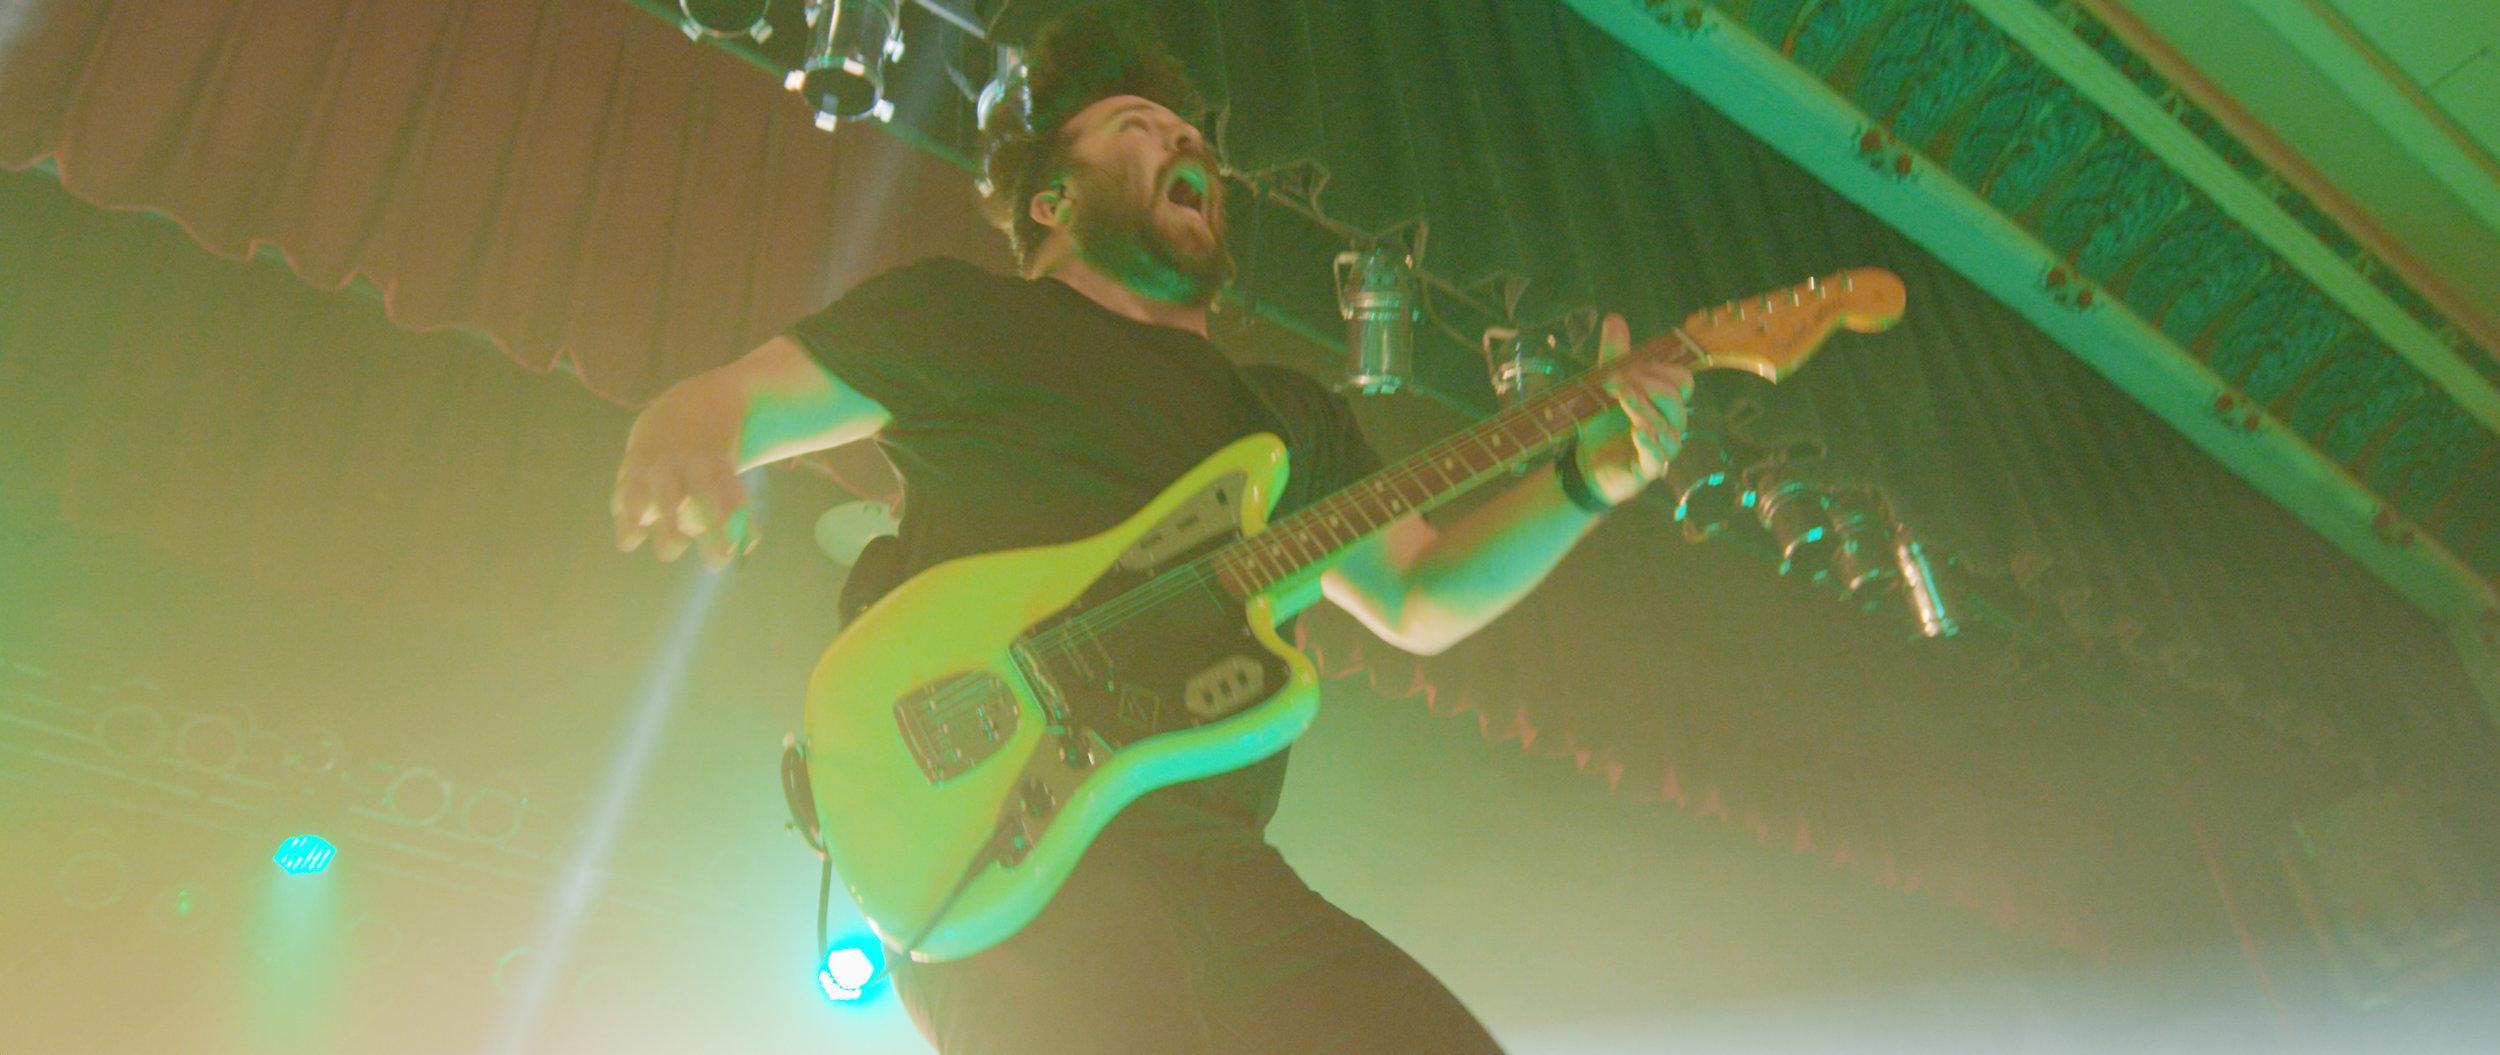 uo crazy guitar.jpg